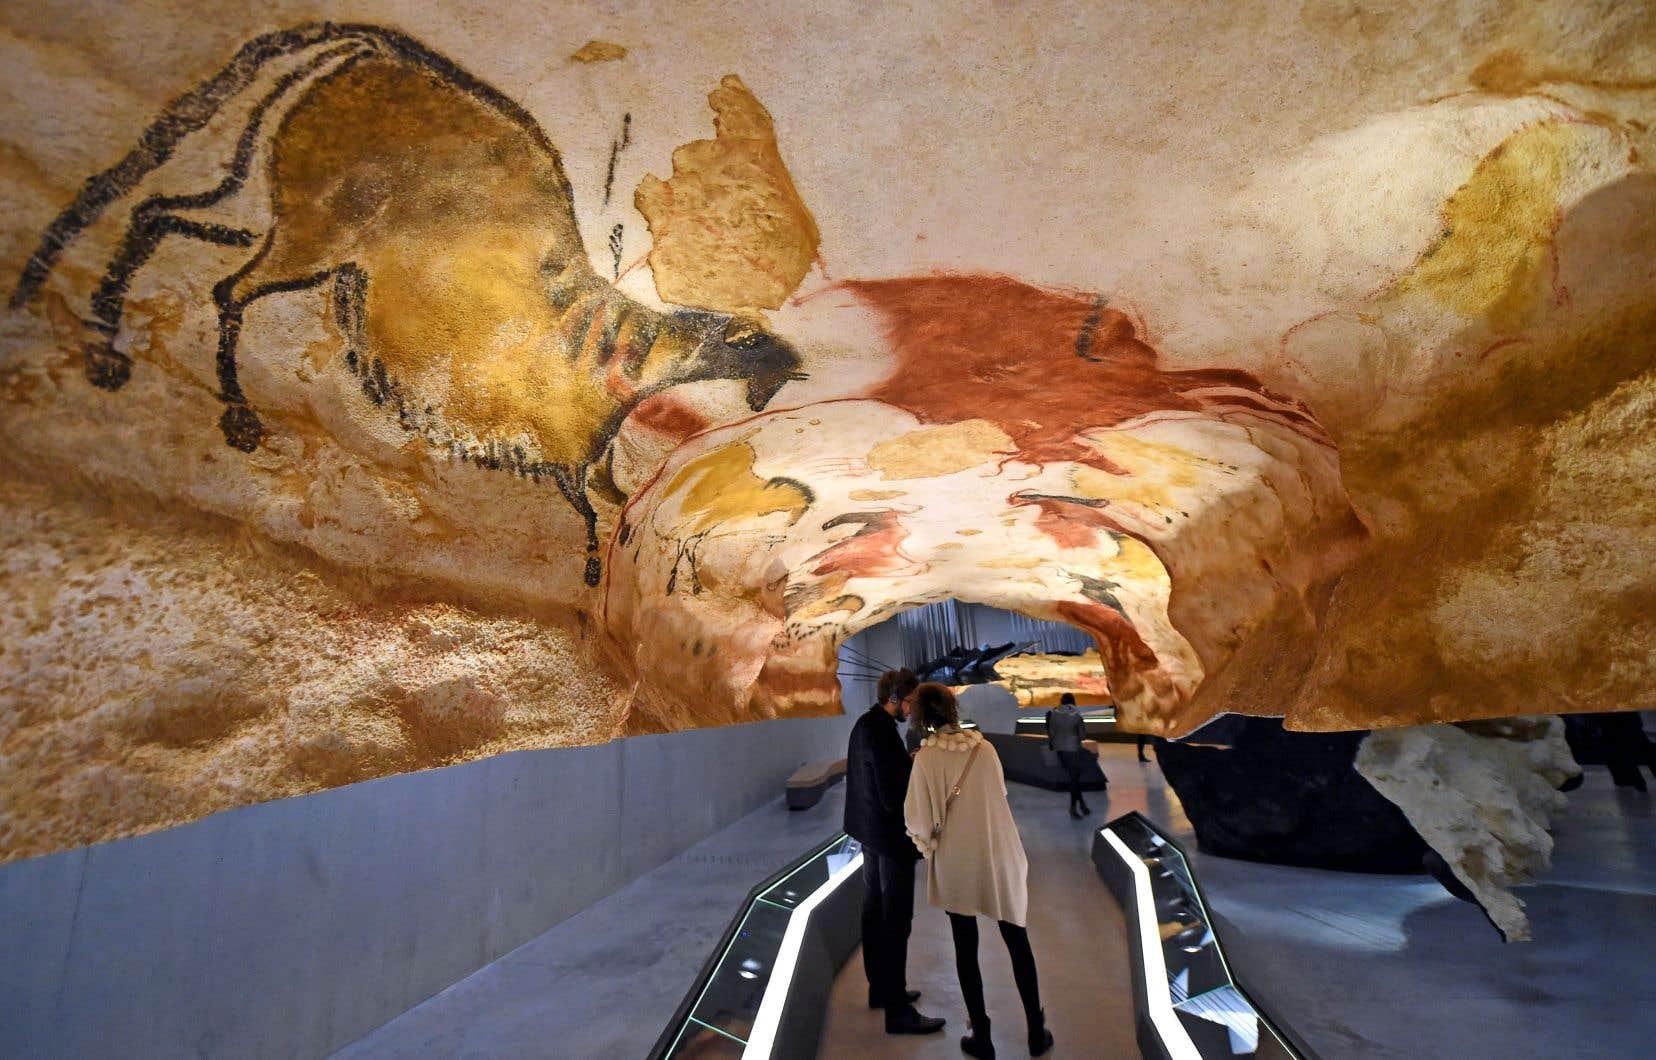 Une des répliques des peintures de la grotte de Lascaux à Montignac, dans la Dordogne française.